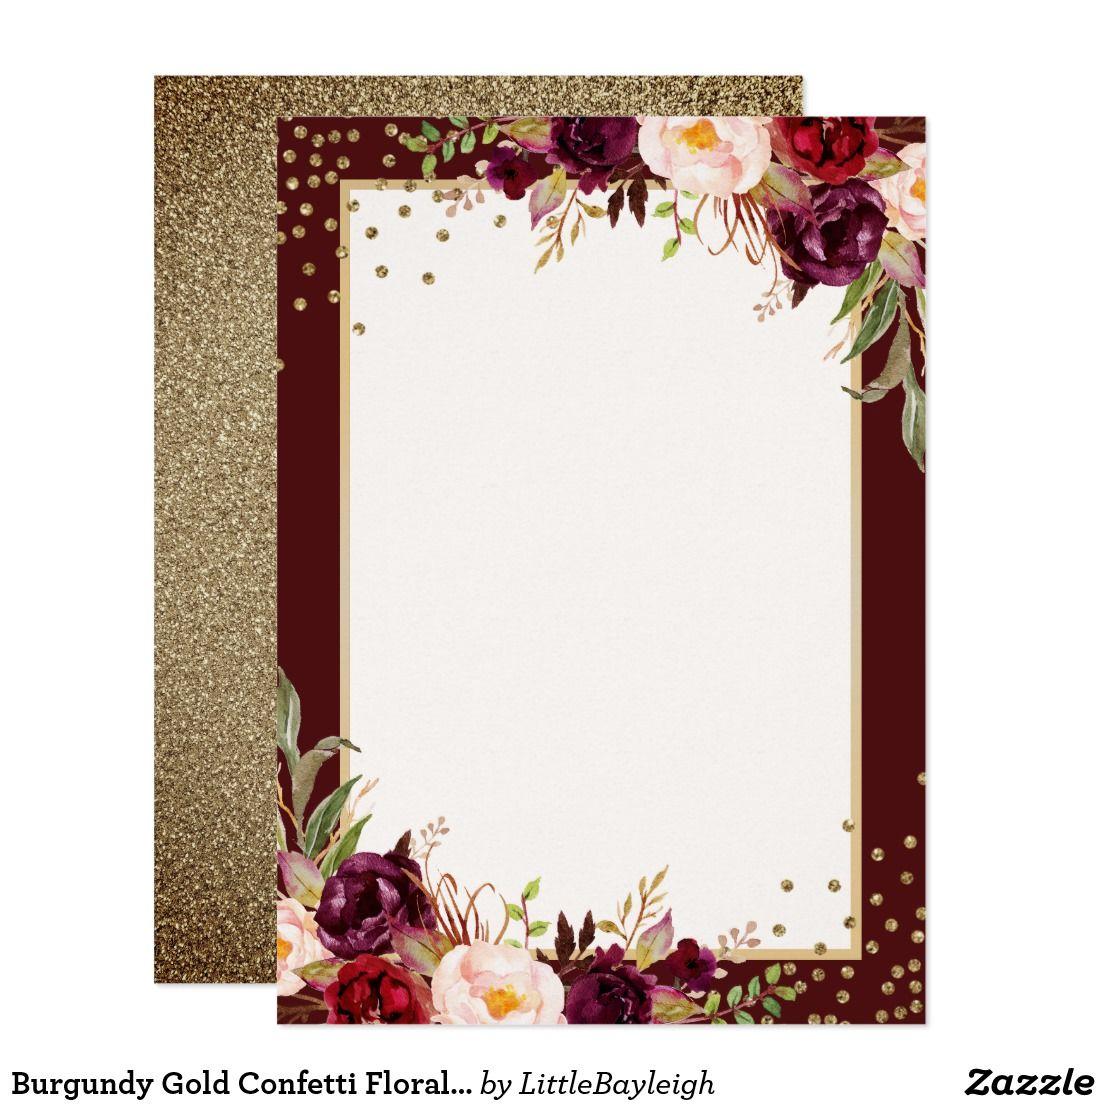 Burgundy Gold Confetti Floral Wedding Invitation Zazzle Com In 2020 Floral Wedding Invitations Flower Wedding Invitation Wedding Invitation Background